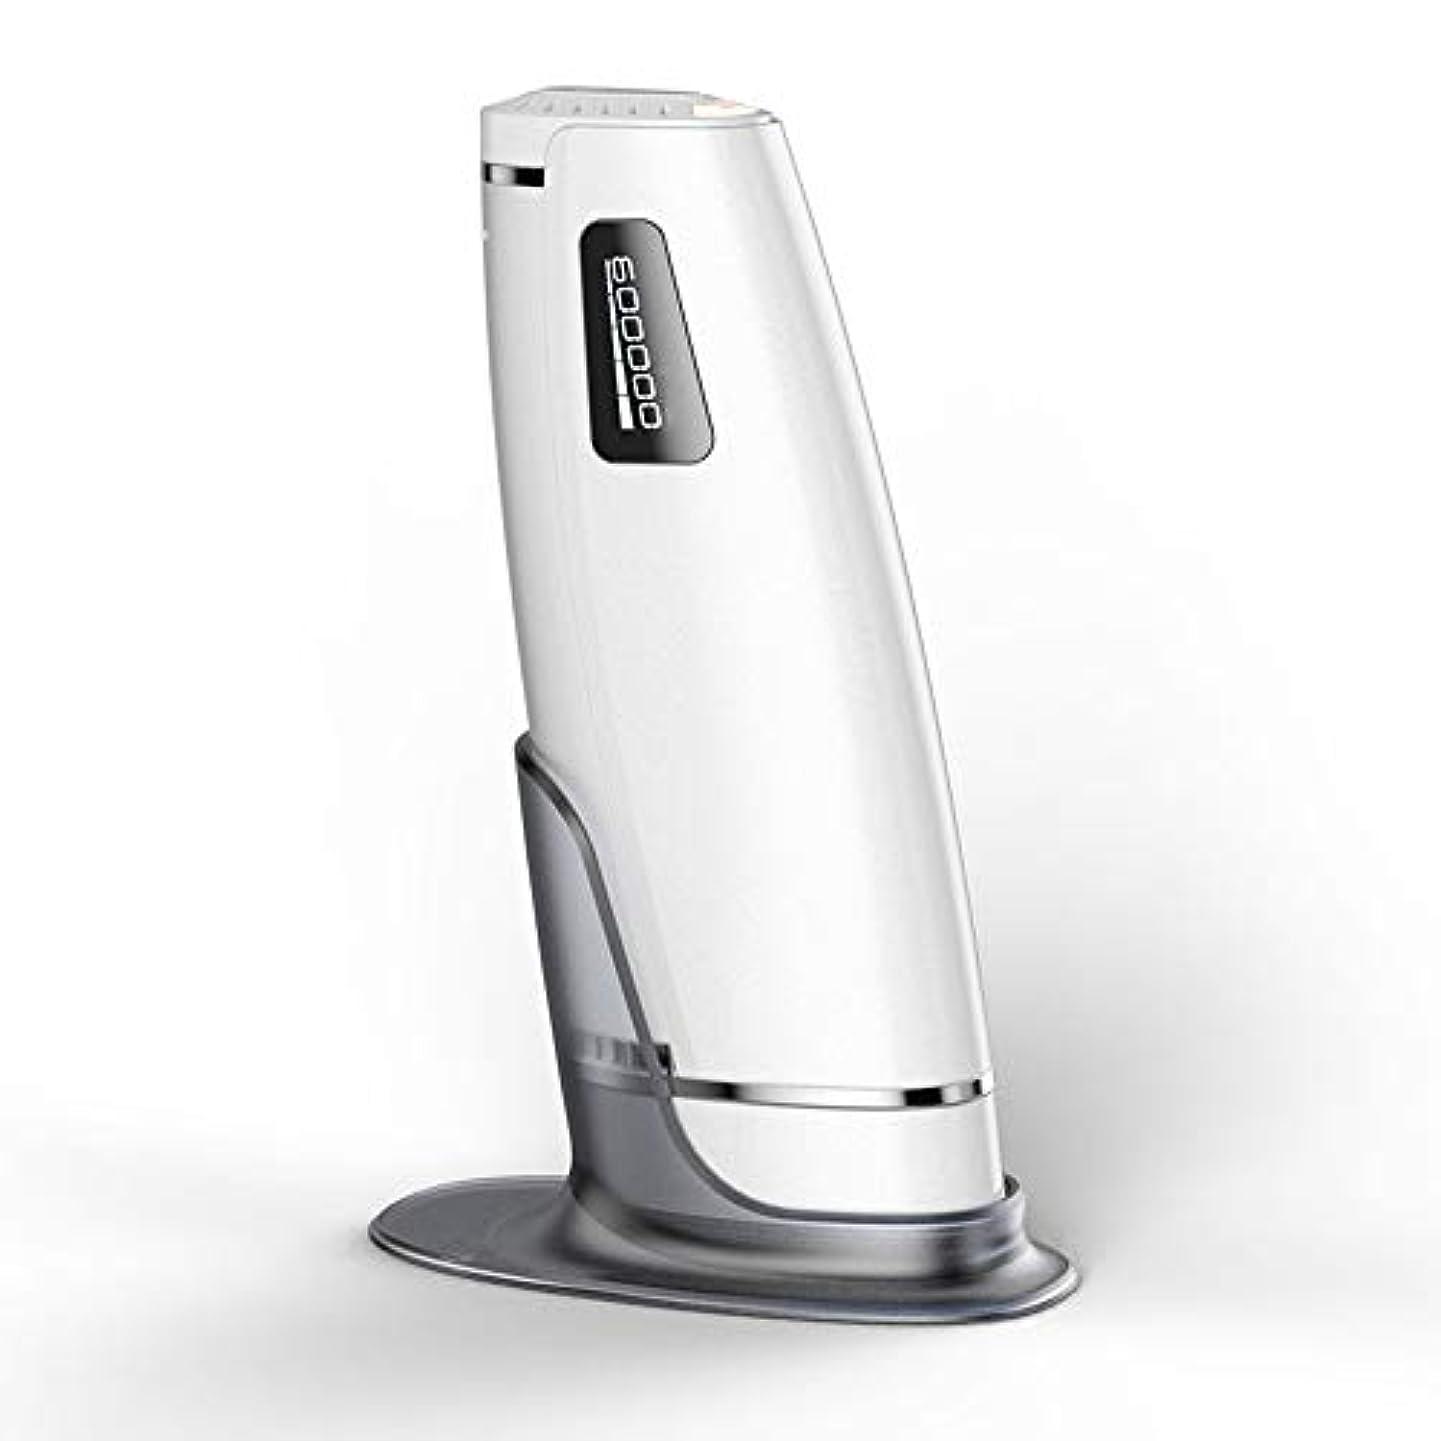 現実には威信センチメートルIPL脱毛システムライト脱毛器、5つの強度レベルで600000回点滅美容デバイスは長期の髪の成長を低減します,白